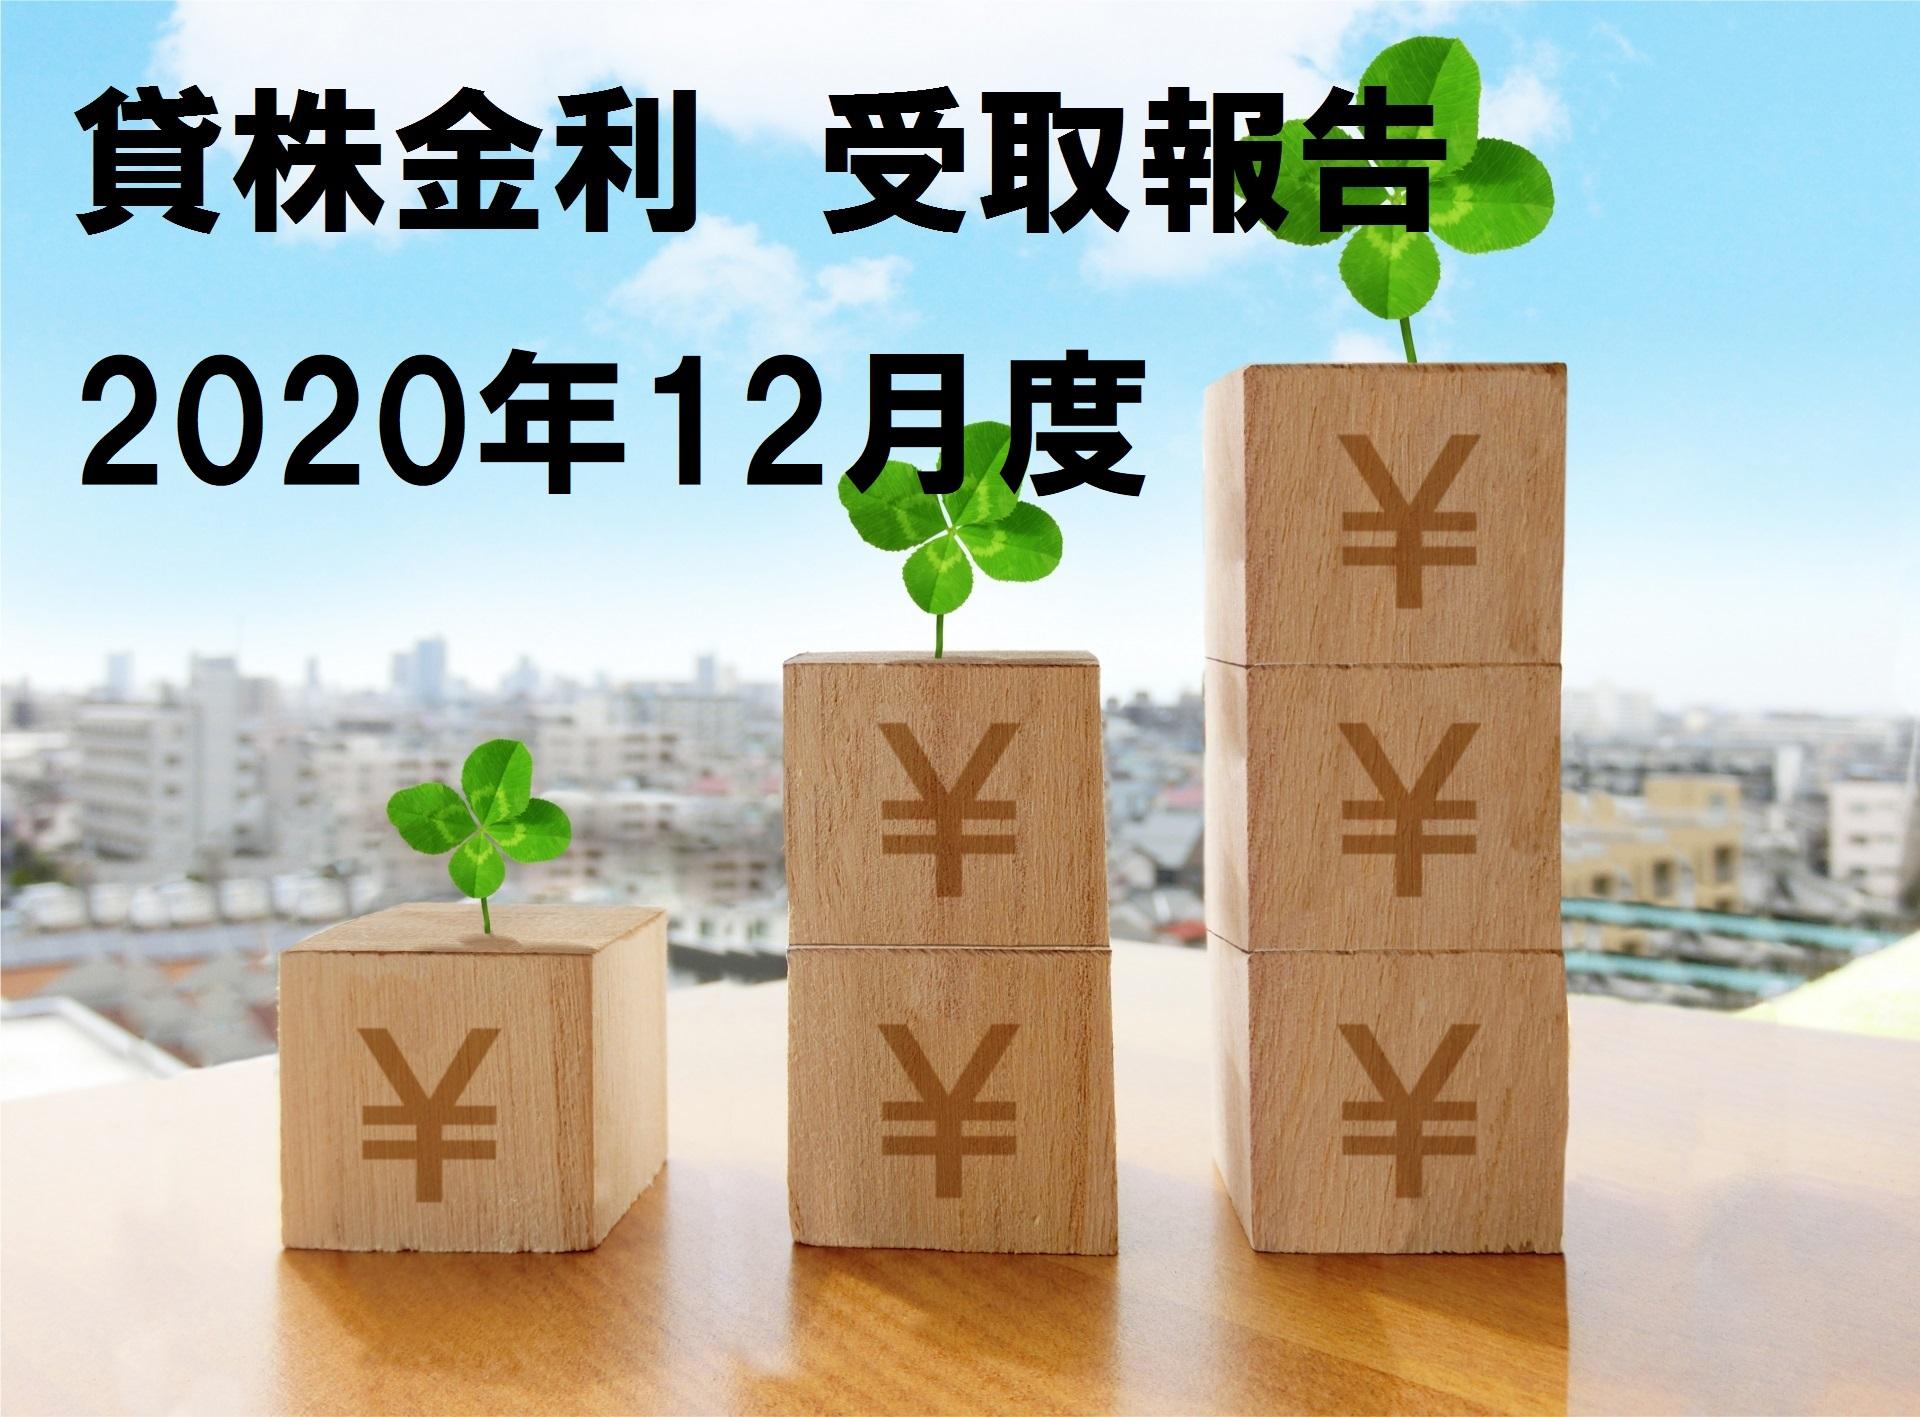 2020年12月・年間貸株金利受け取り状況